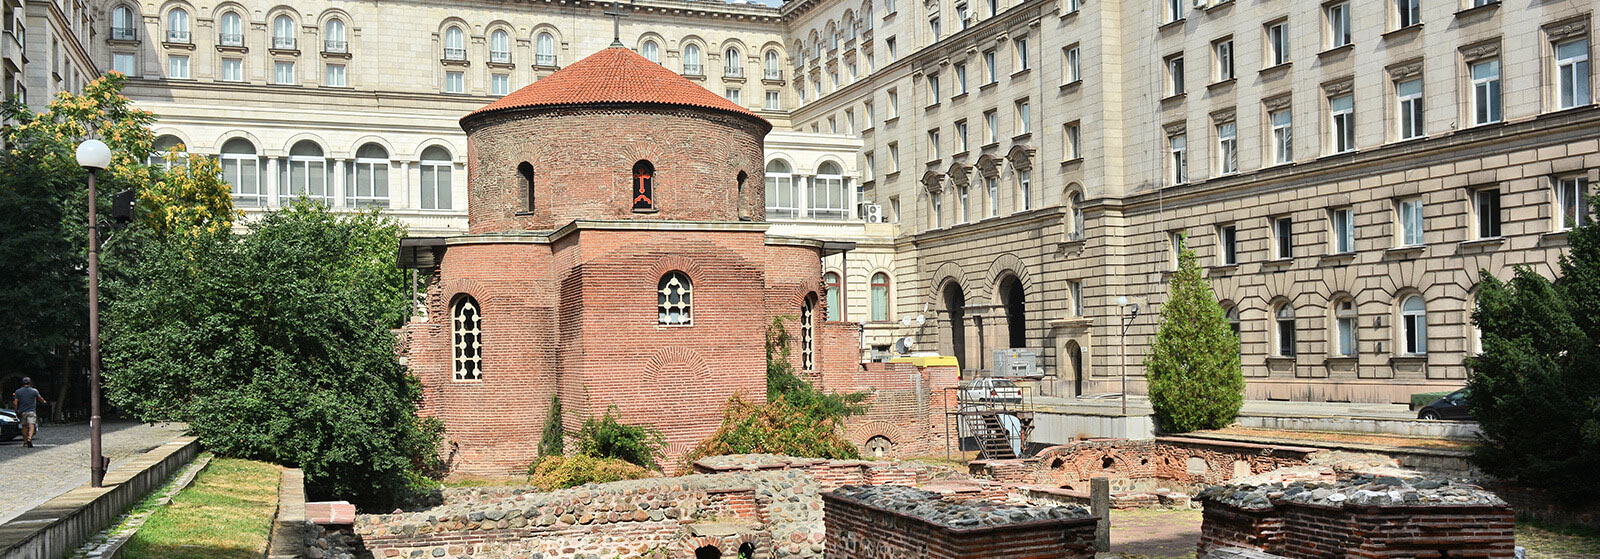 """Столичният район """"Средец"""" лежи на основите на няколко хилядолетна история. Тук се намира Ратондата """"Свети Георги"""" - един от първите християнски храмове в света."""